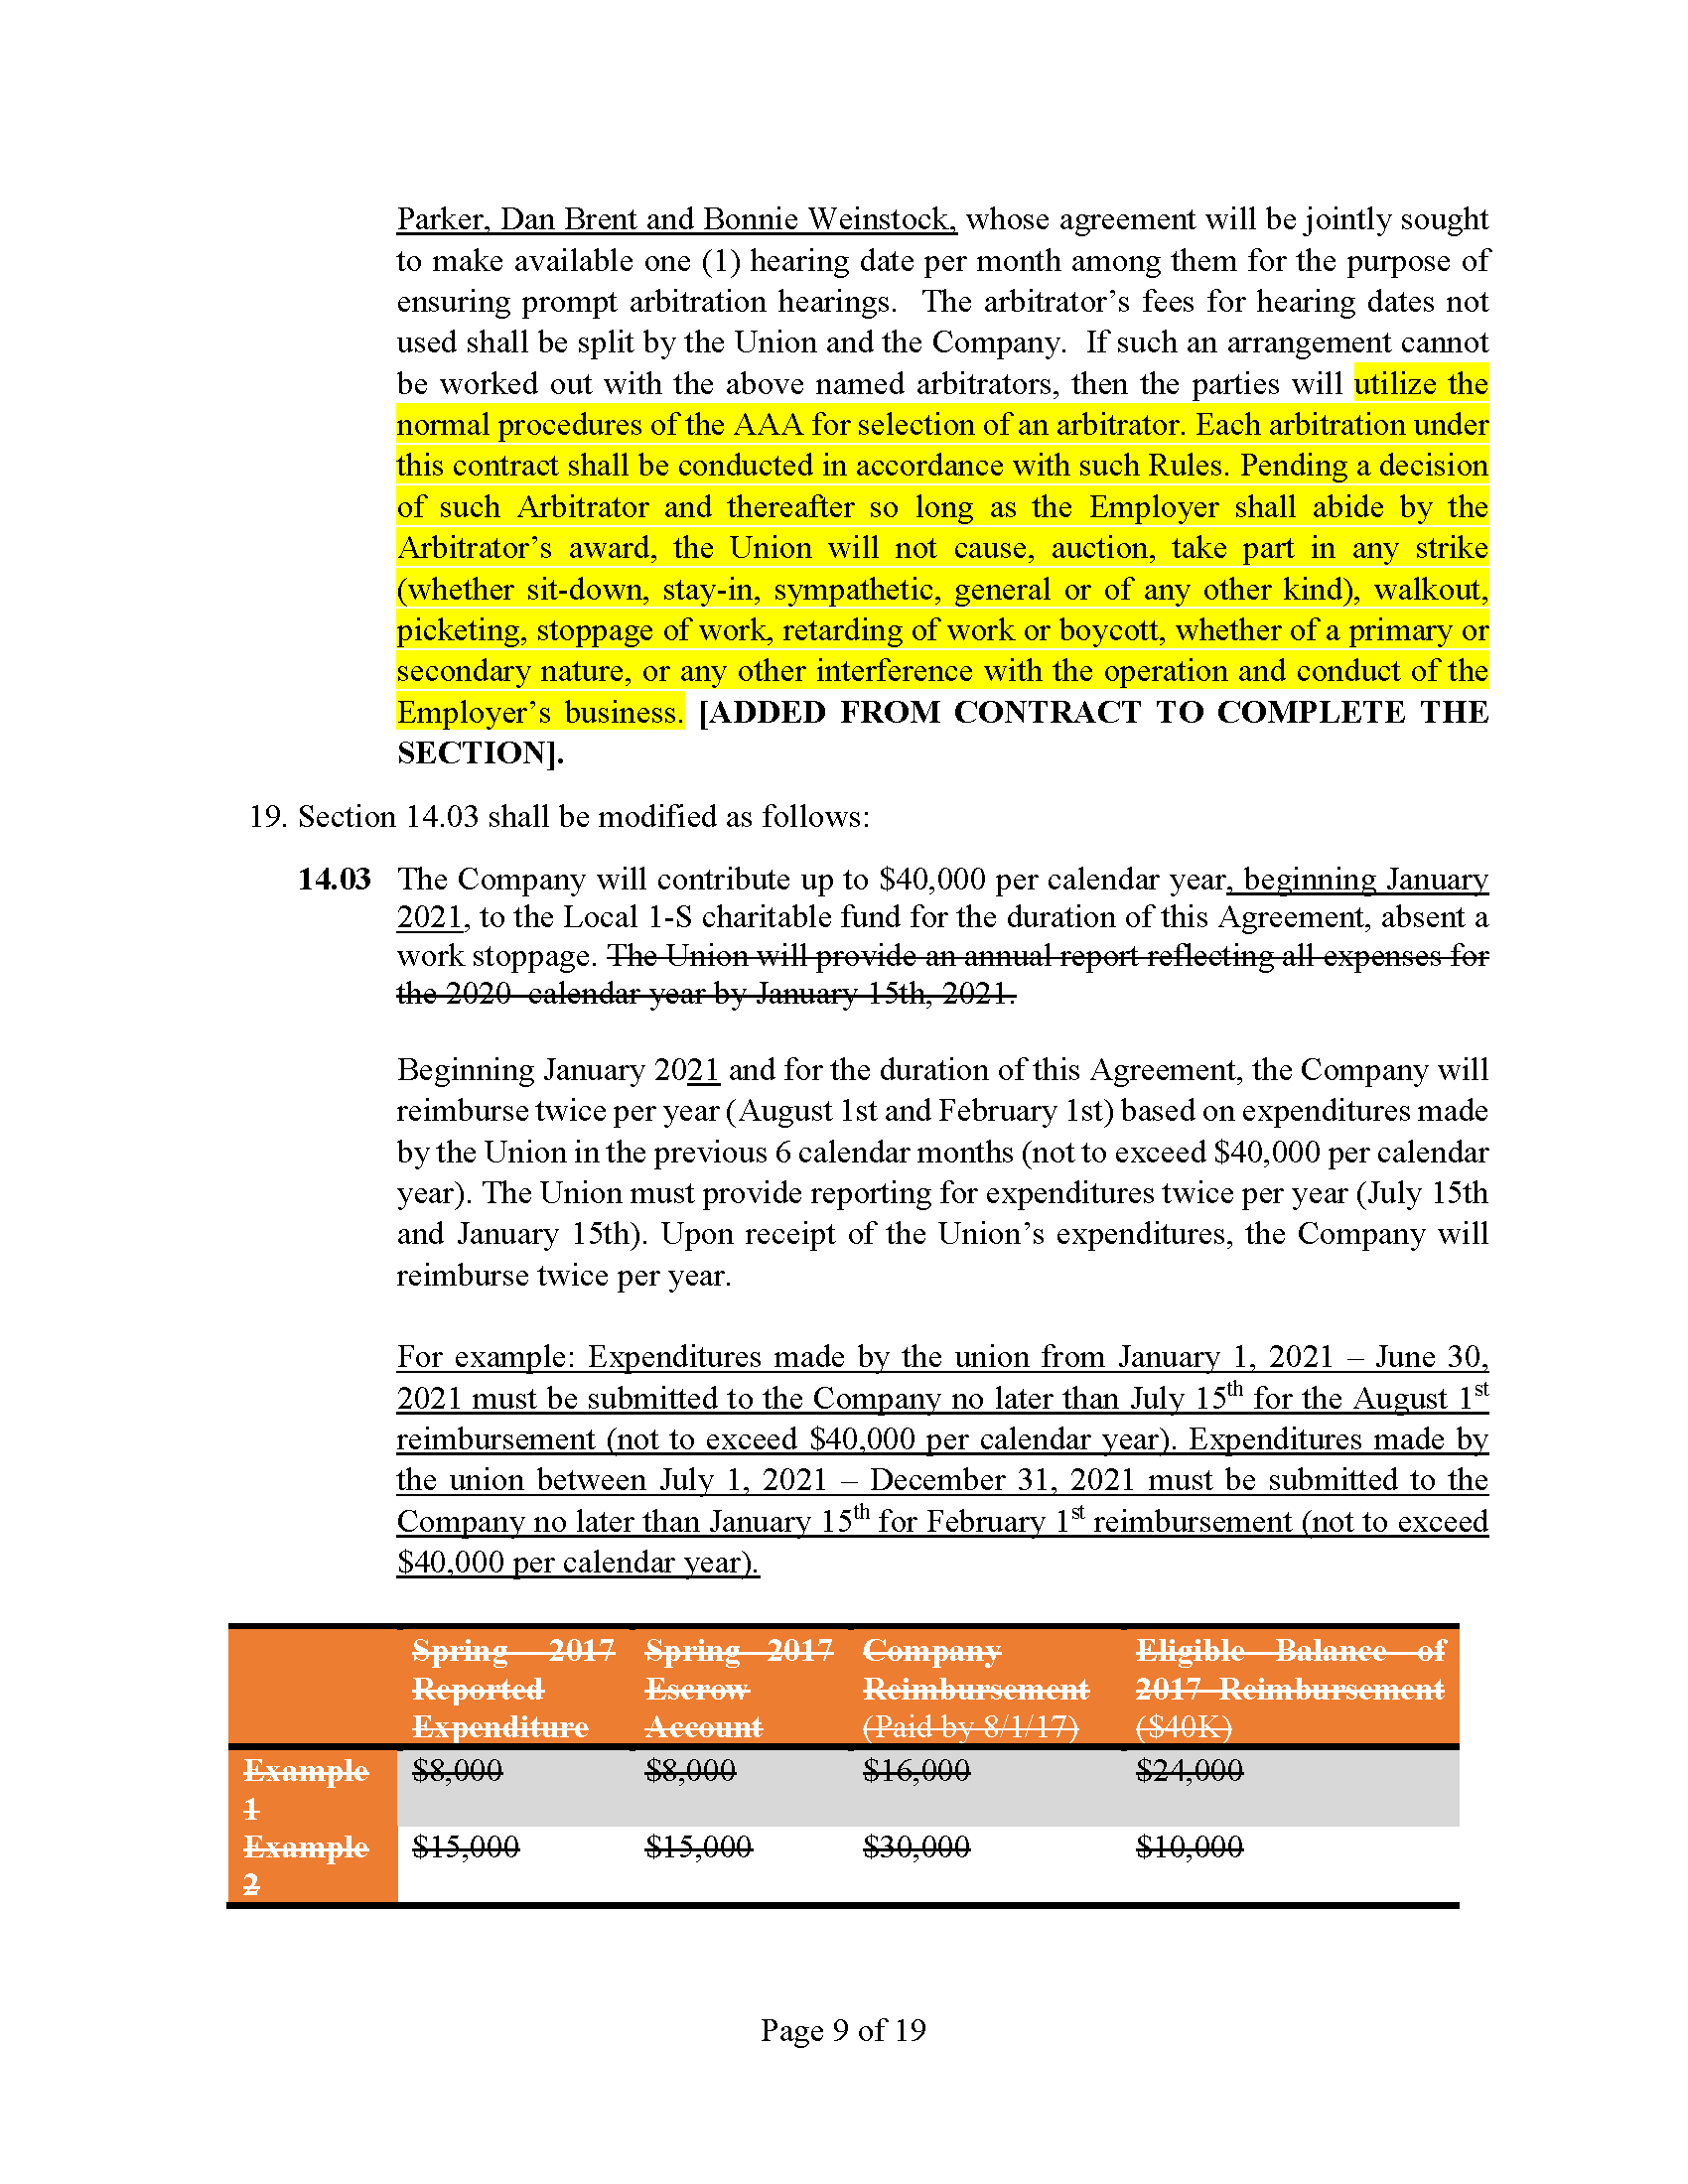 Memorandum_of_Agreement_10484__Page_09.png